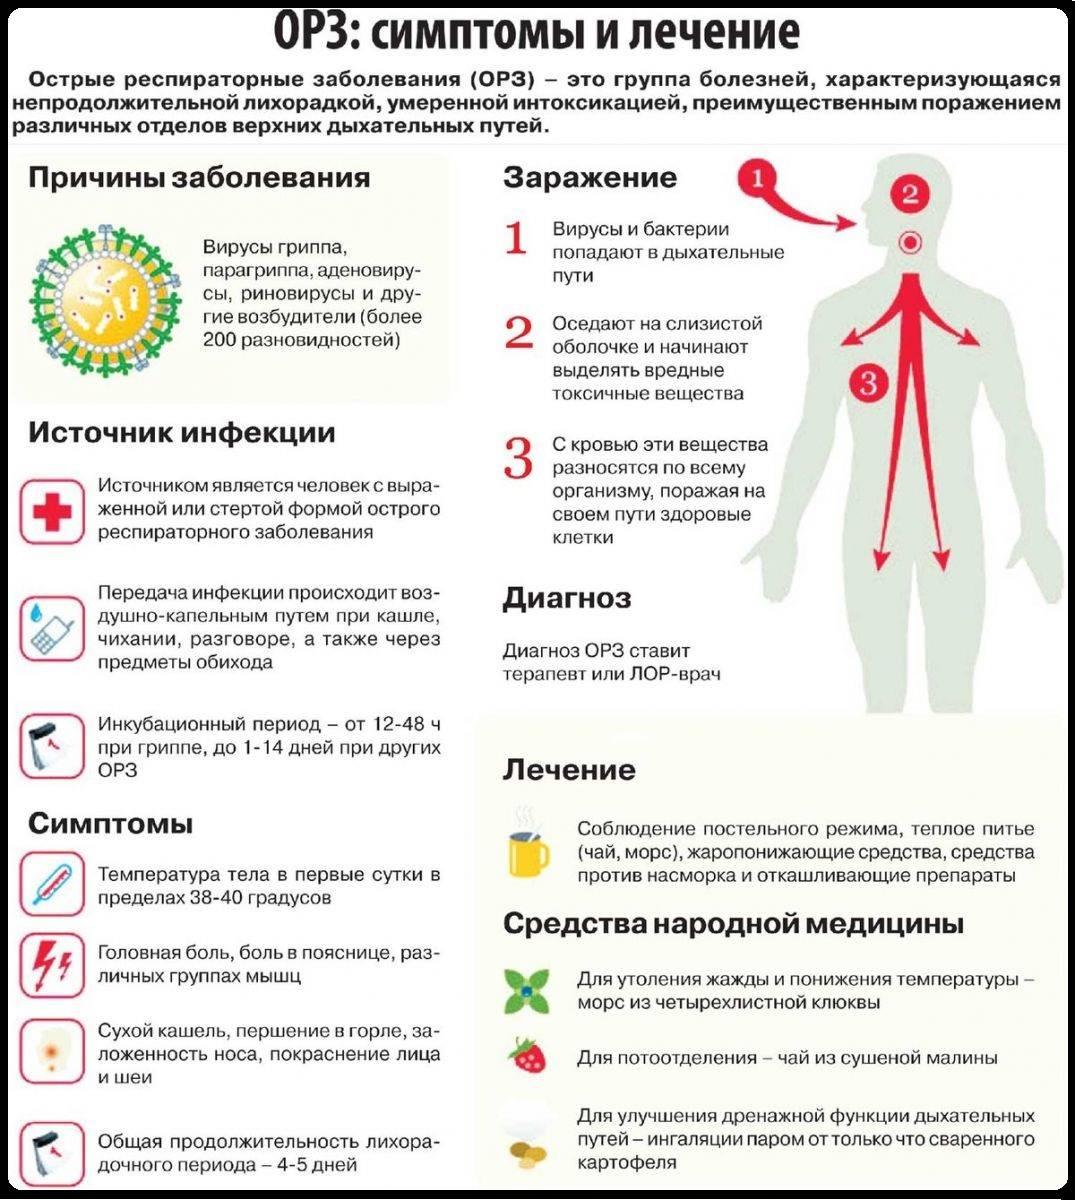 Баня при простуде: как правильно лечиться от орз